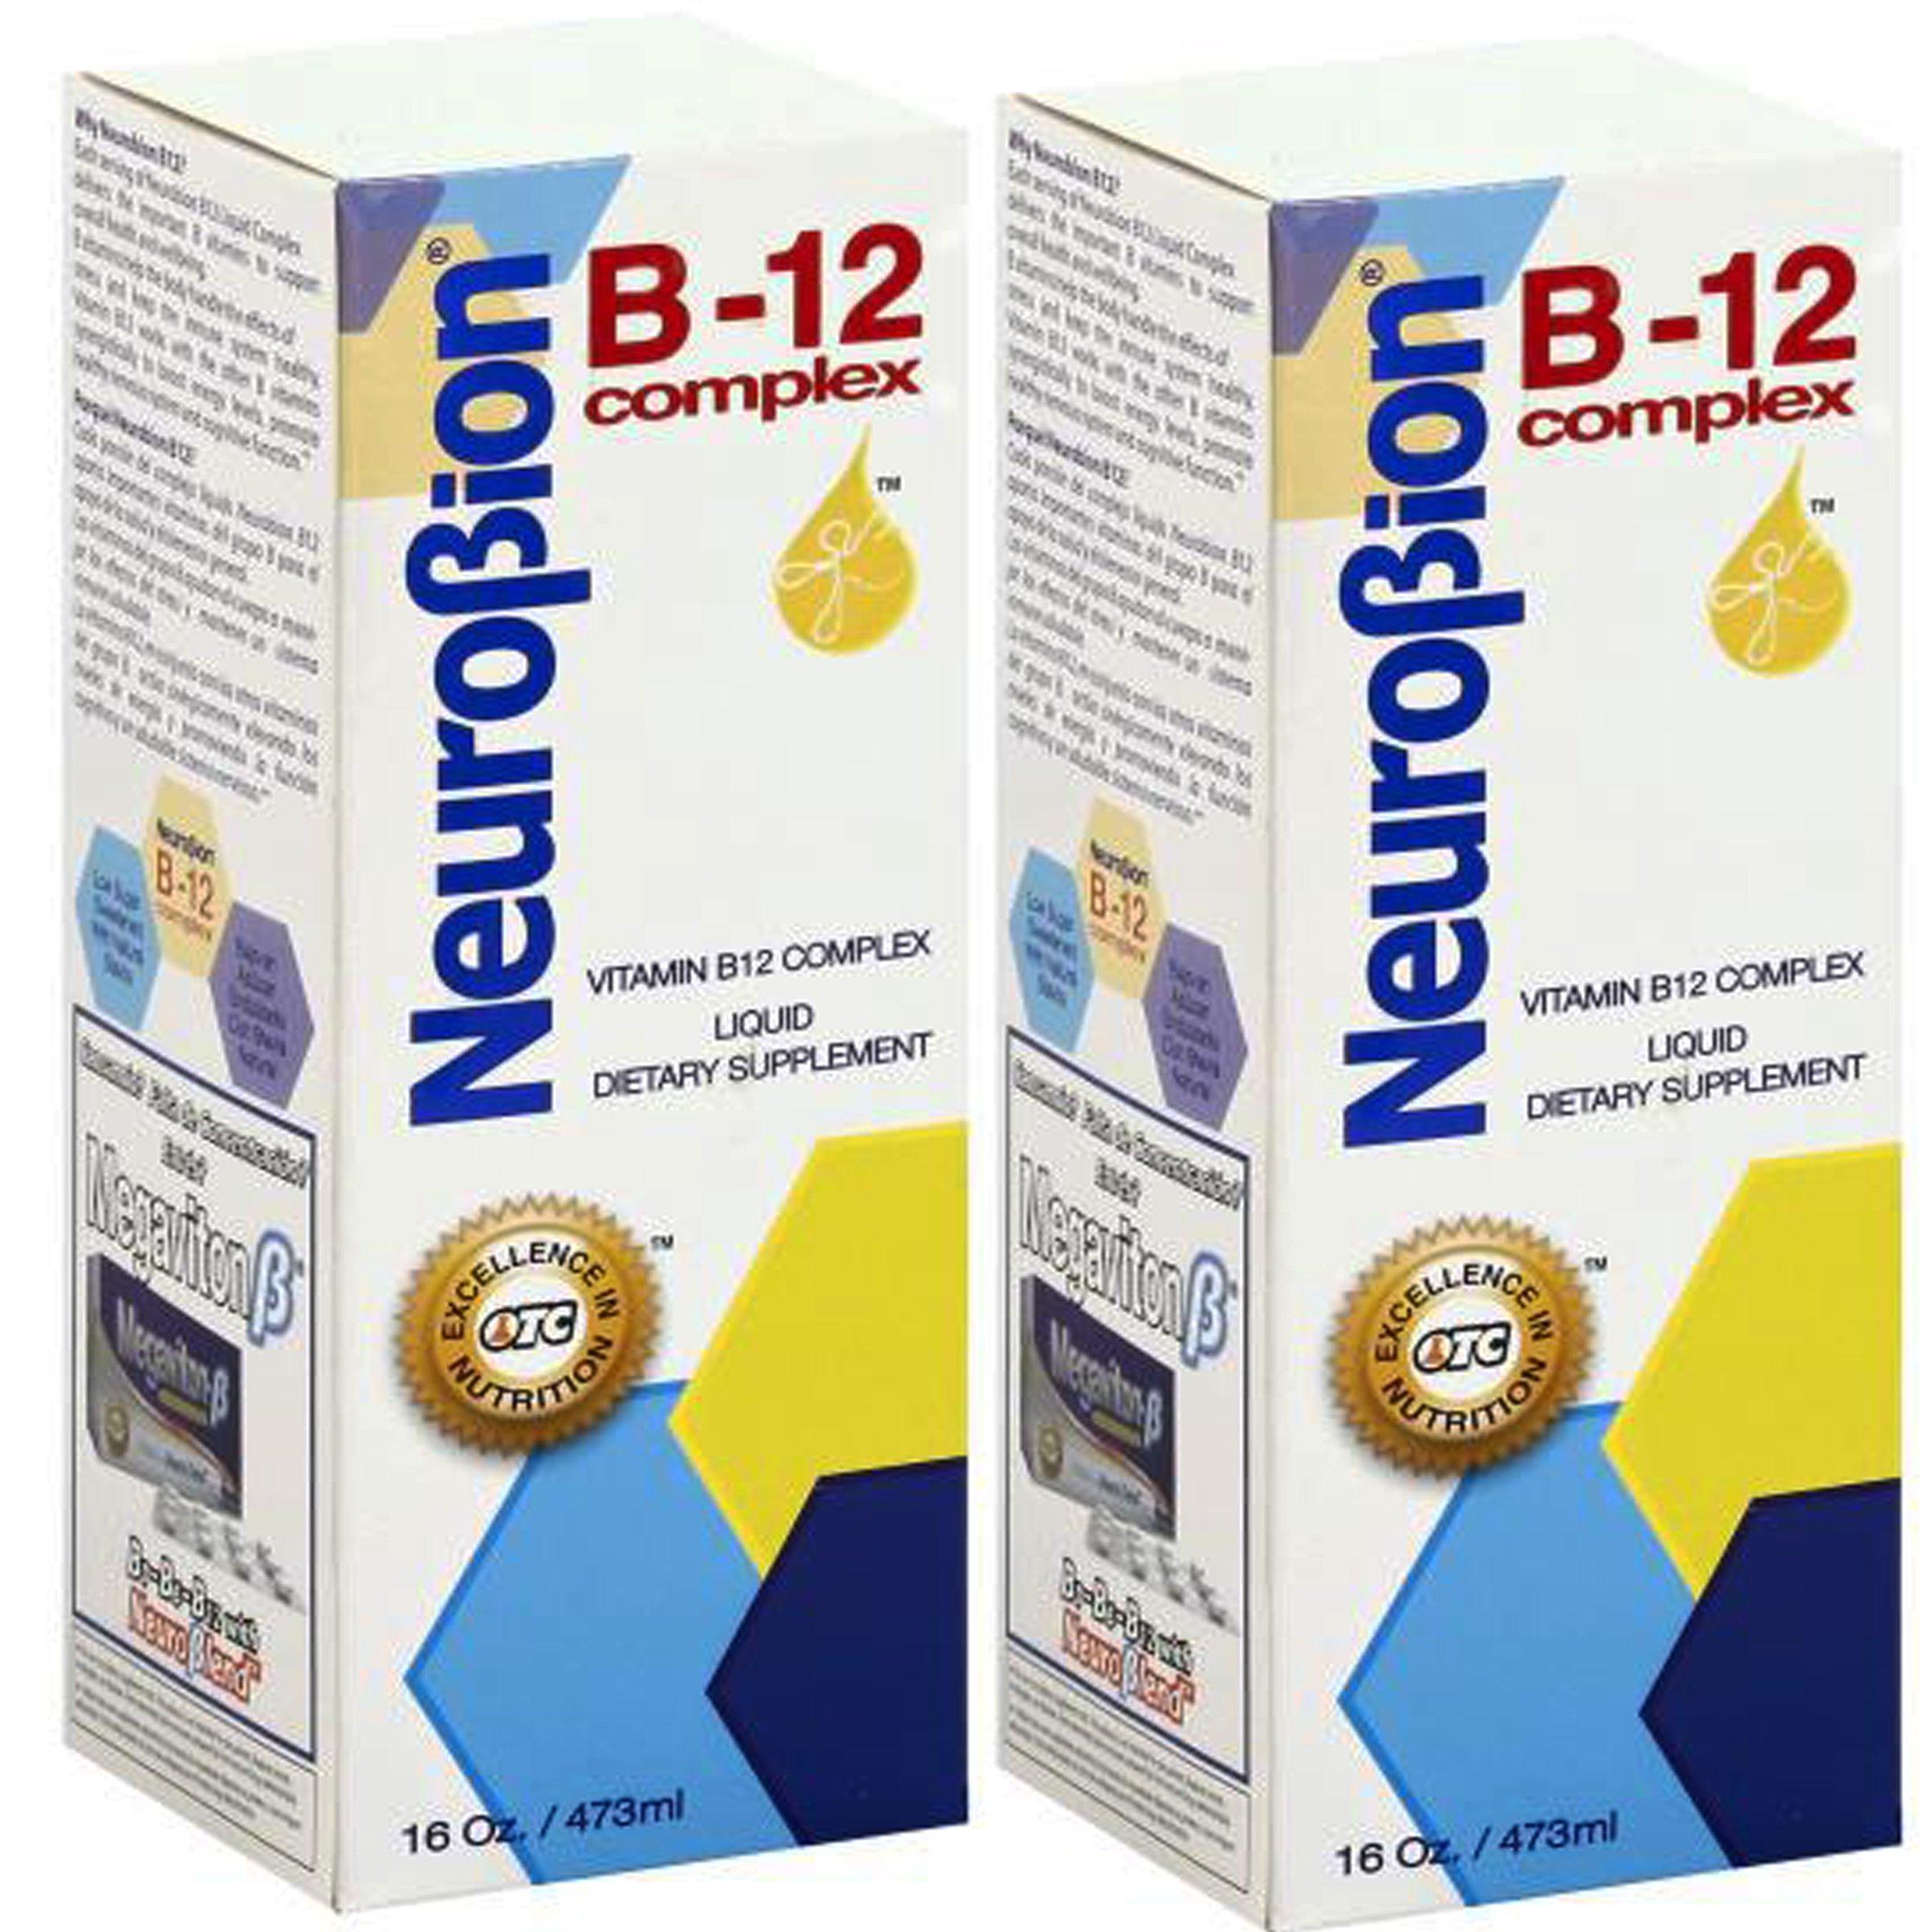 Neurobion Vitamin B12 Complex 16 Oz Liquid Citrus Flavor 2 Pack